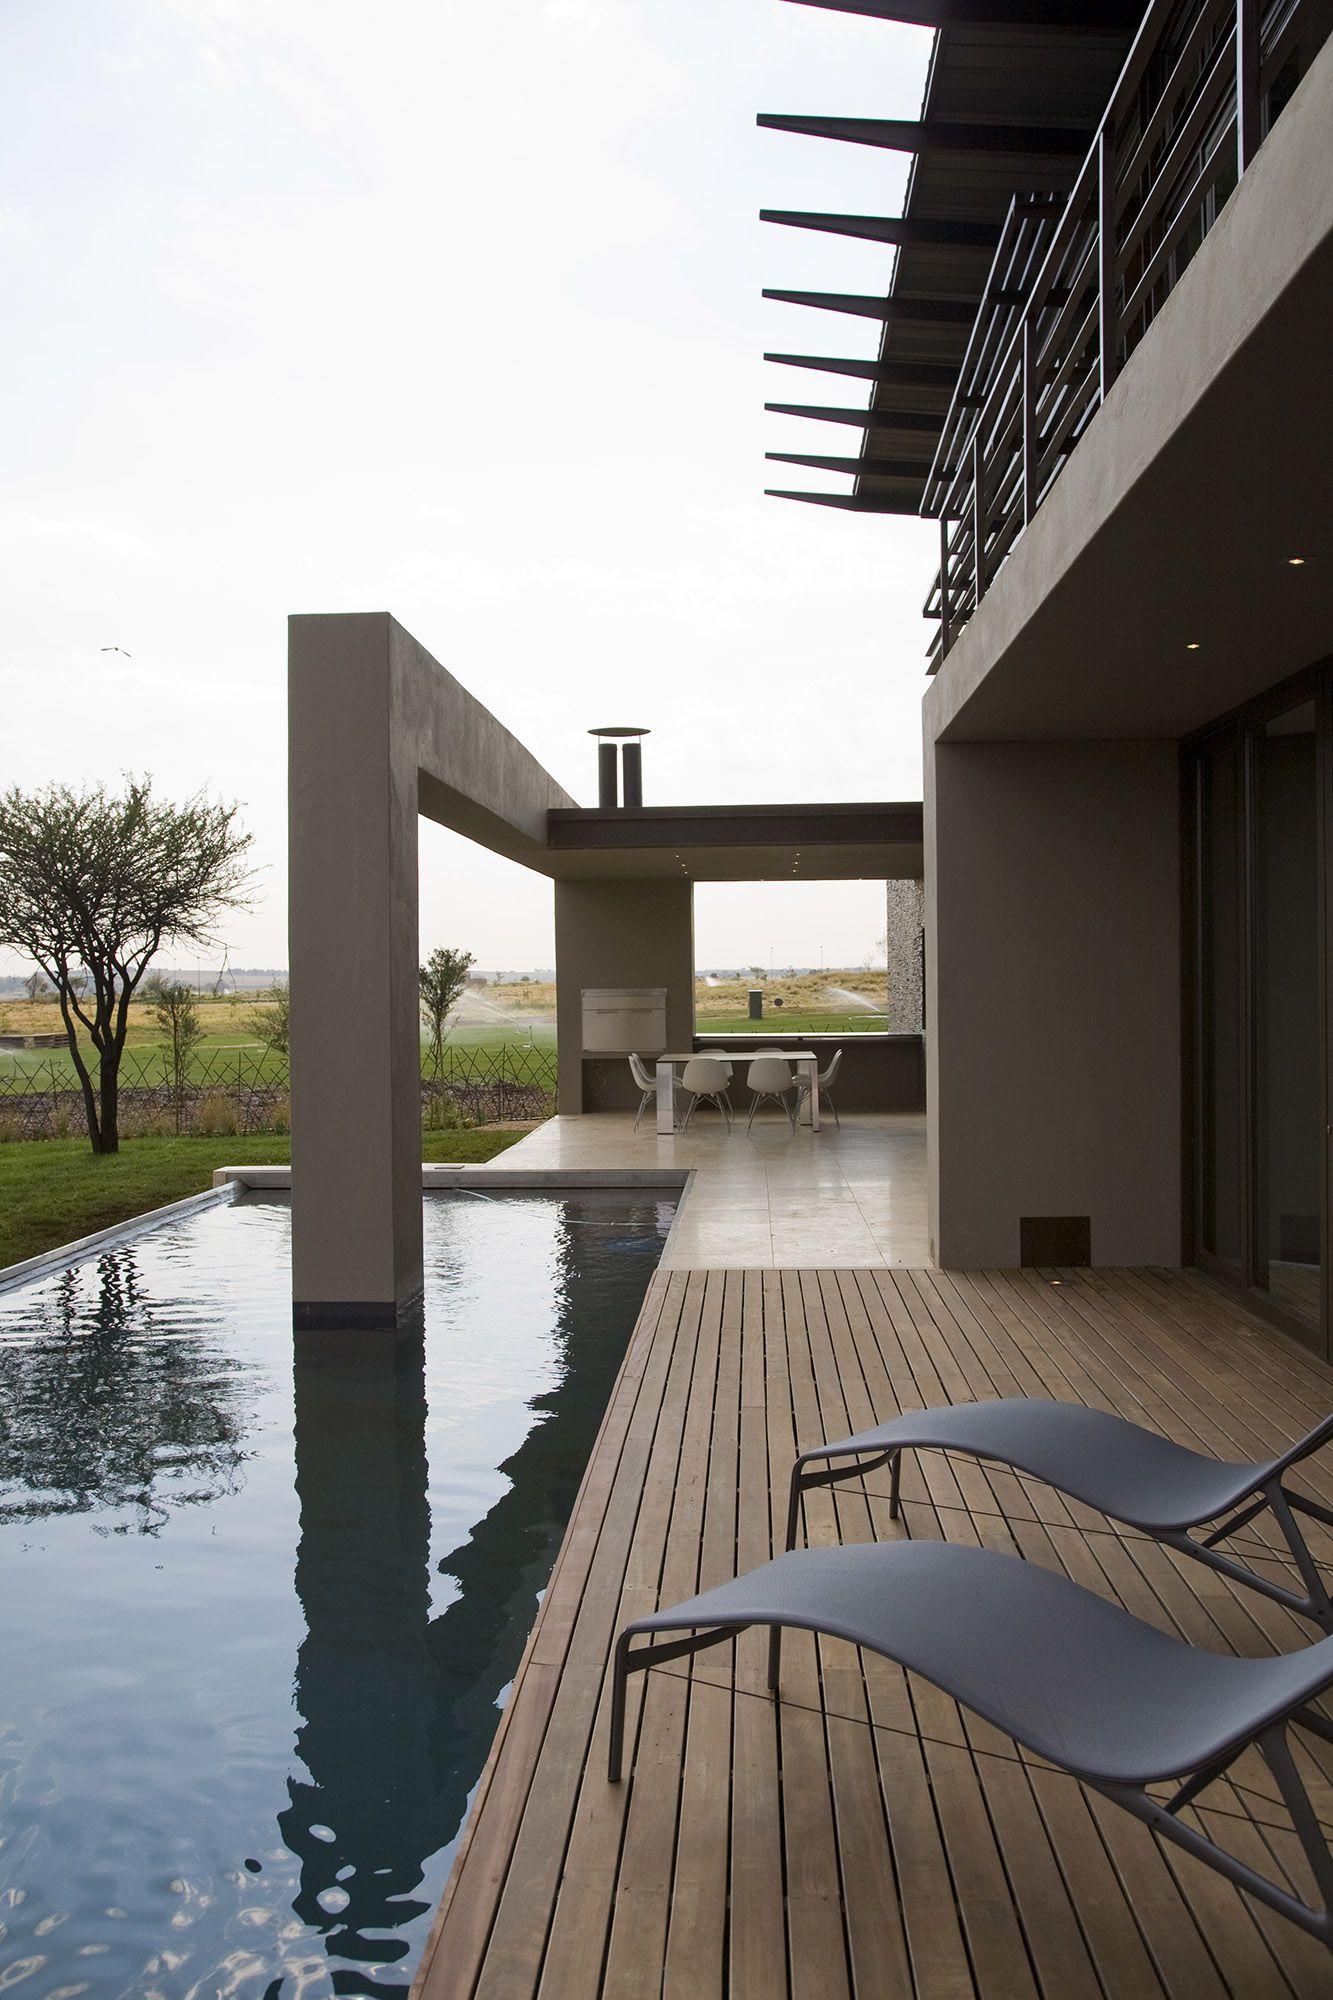 Serengeti Designed by Rudolph van der Meulen 314